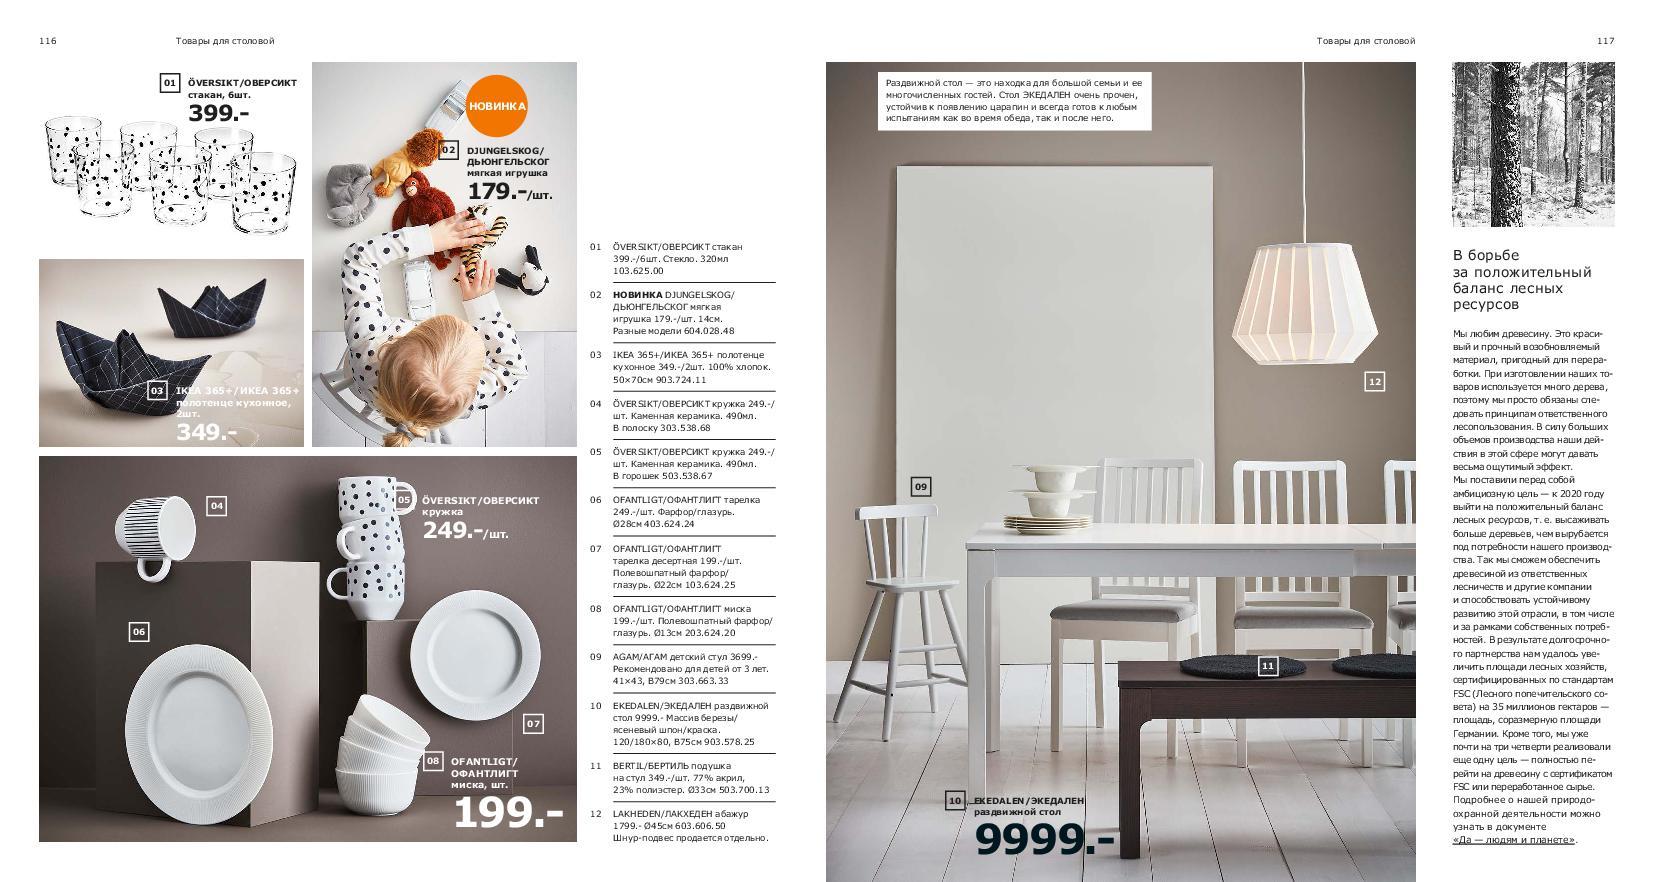 IKEA_catalogue_2019-59